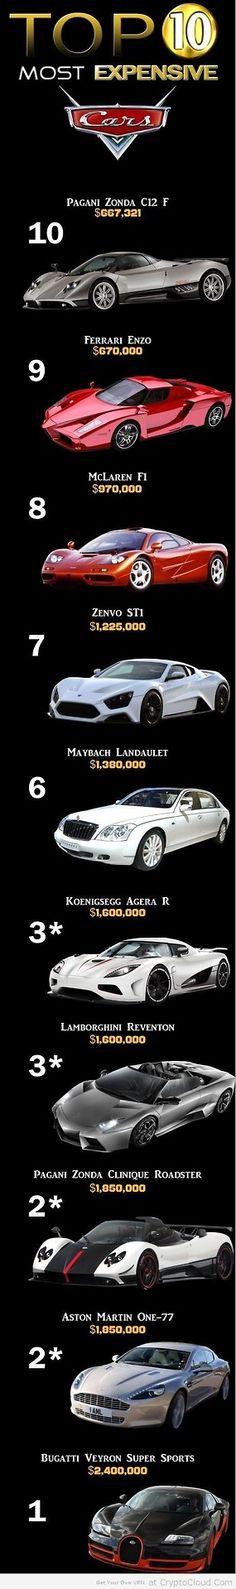 Los 10 Carros mas costosos del Mundo #Infografia